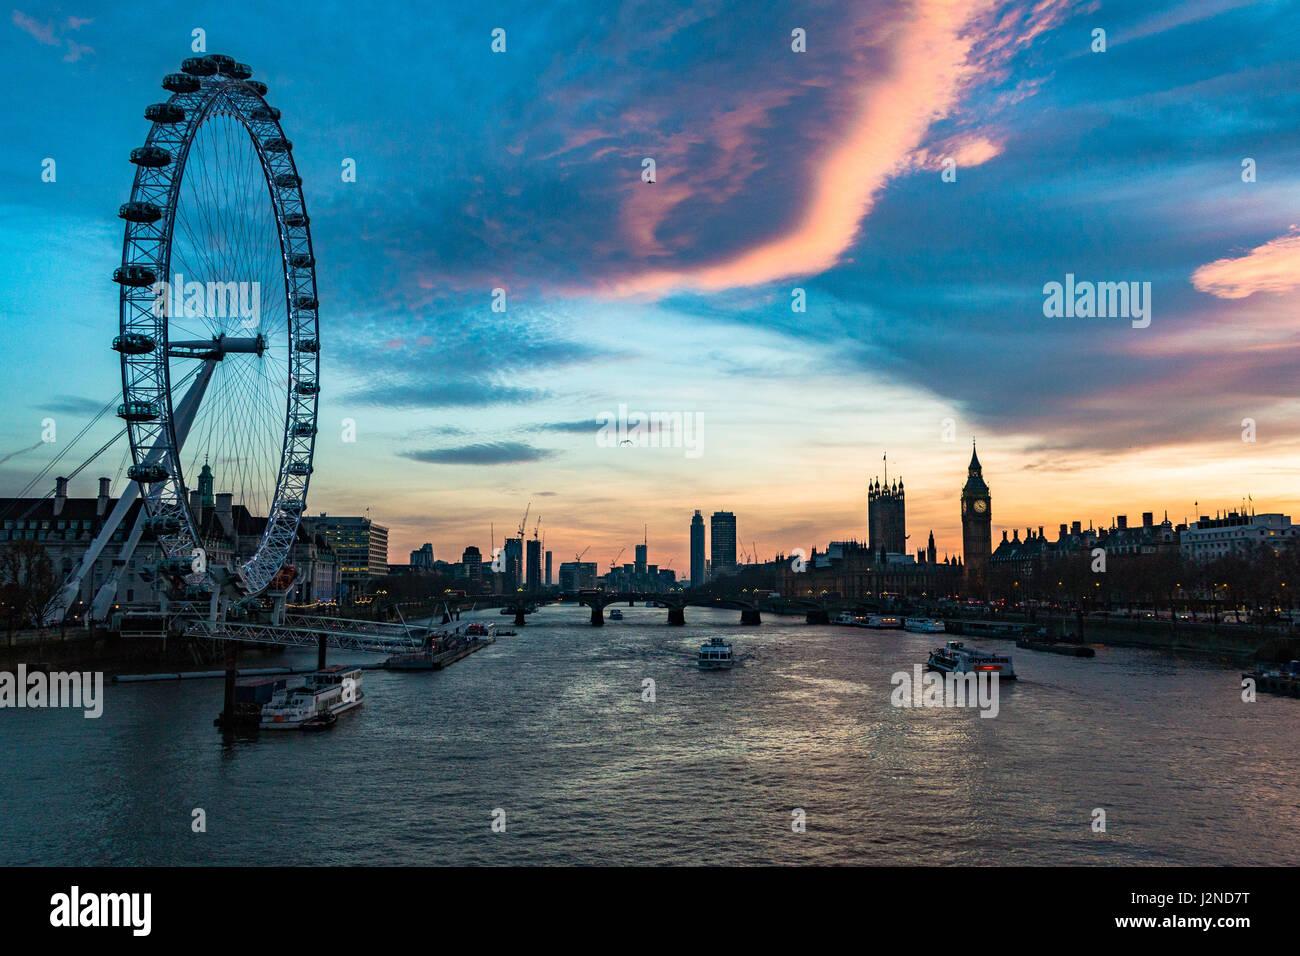 Il London Eye e il palazzo di Westminter sul Tamigi a Londra Immagini Stock